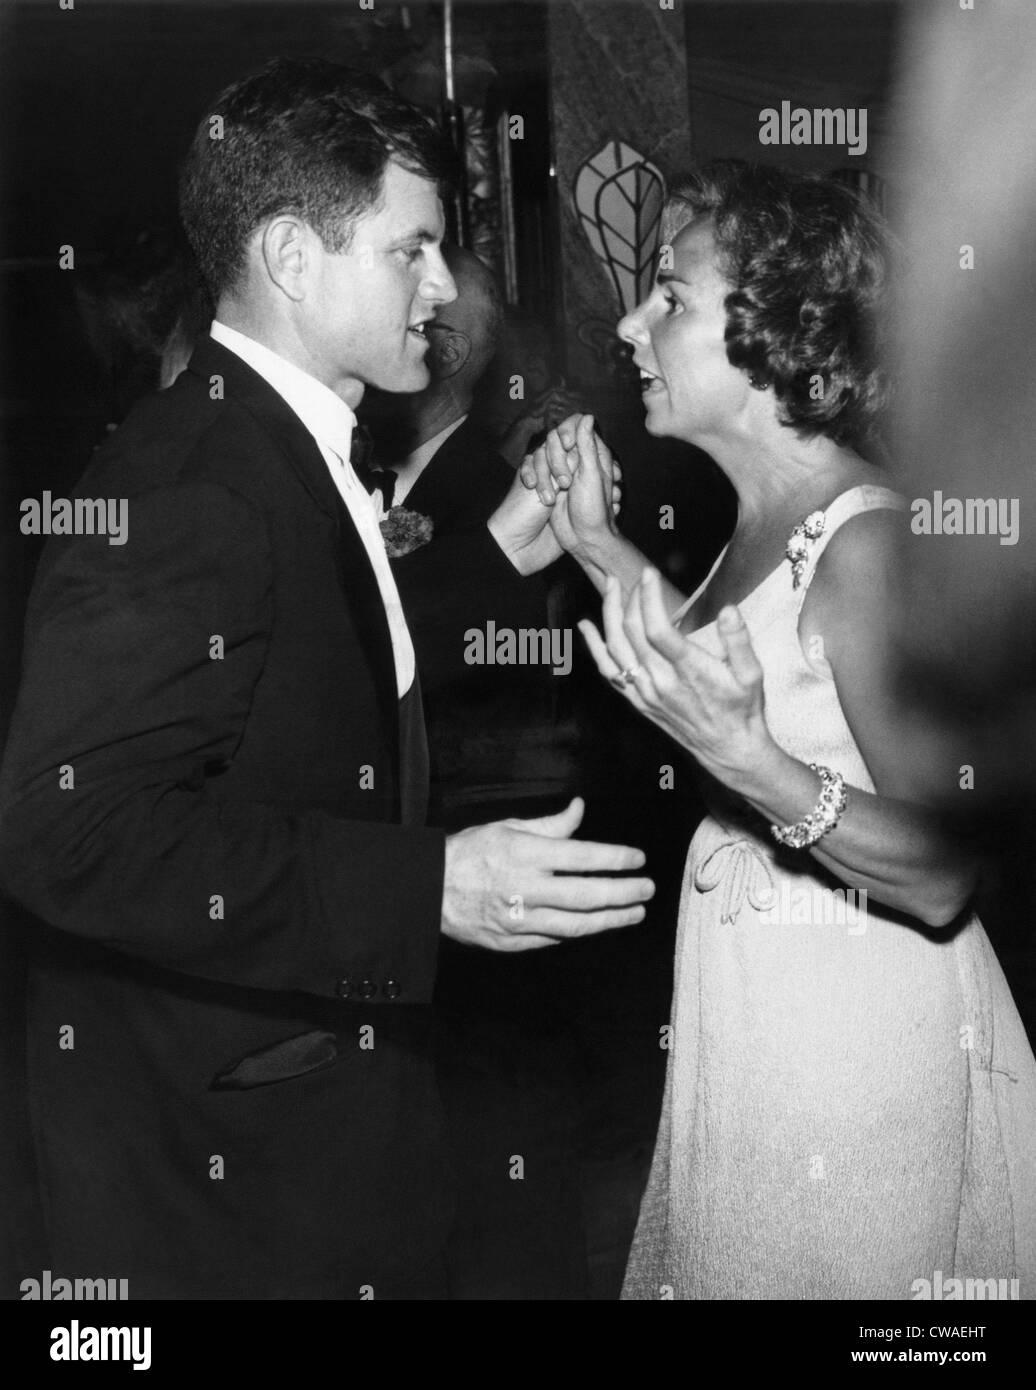 De gauche, le sénateur Edward Kennedy,avec sa belle-sœur, Ethel Kennedy, à un avantage pour l'Association Photo Stock